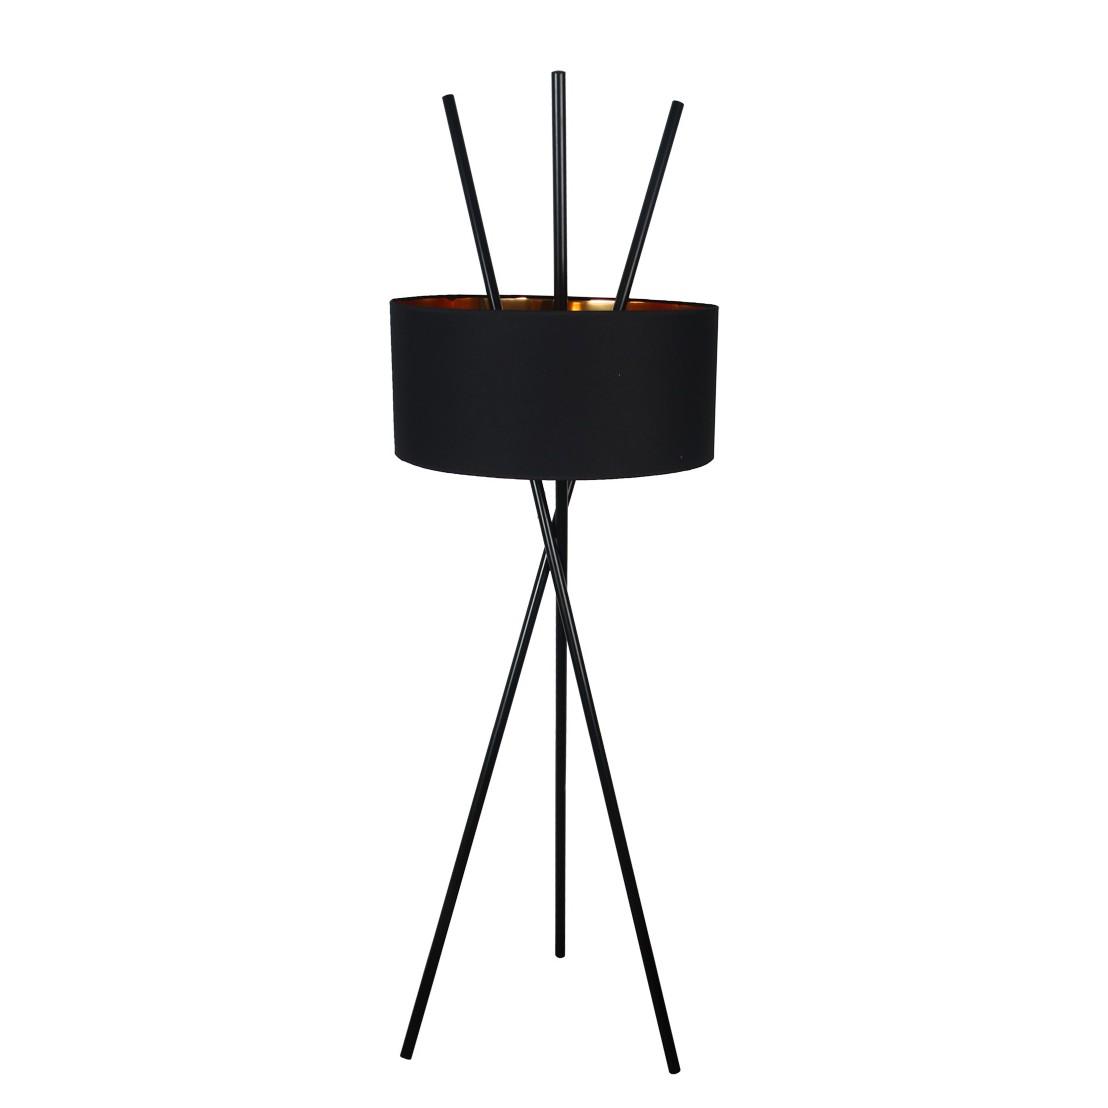 Stehleuchte Aton ● Webstoff / Metall ● 1-flammig ● Schwarz- Studio Copenhagen A++